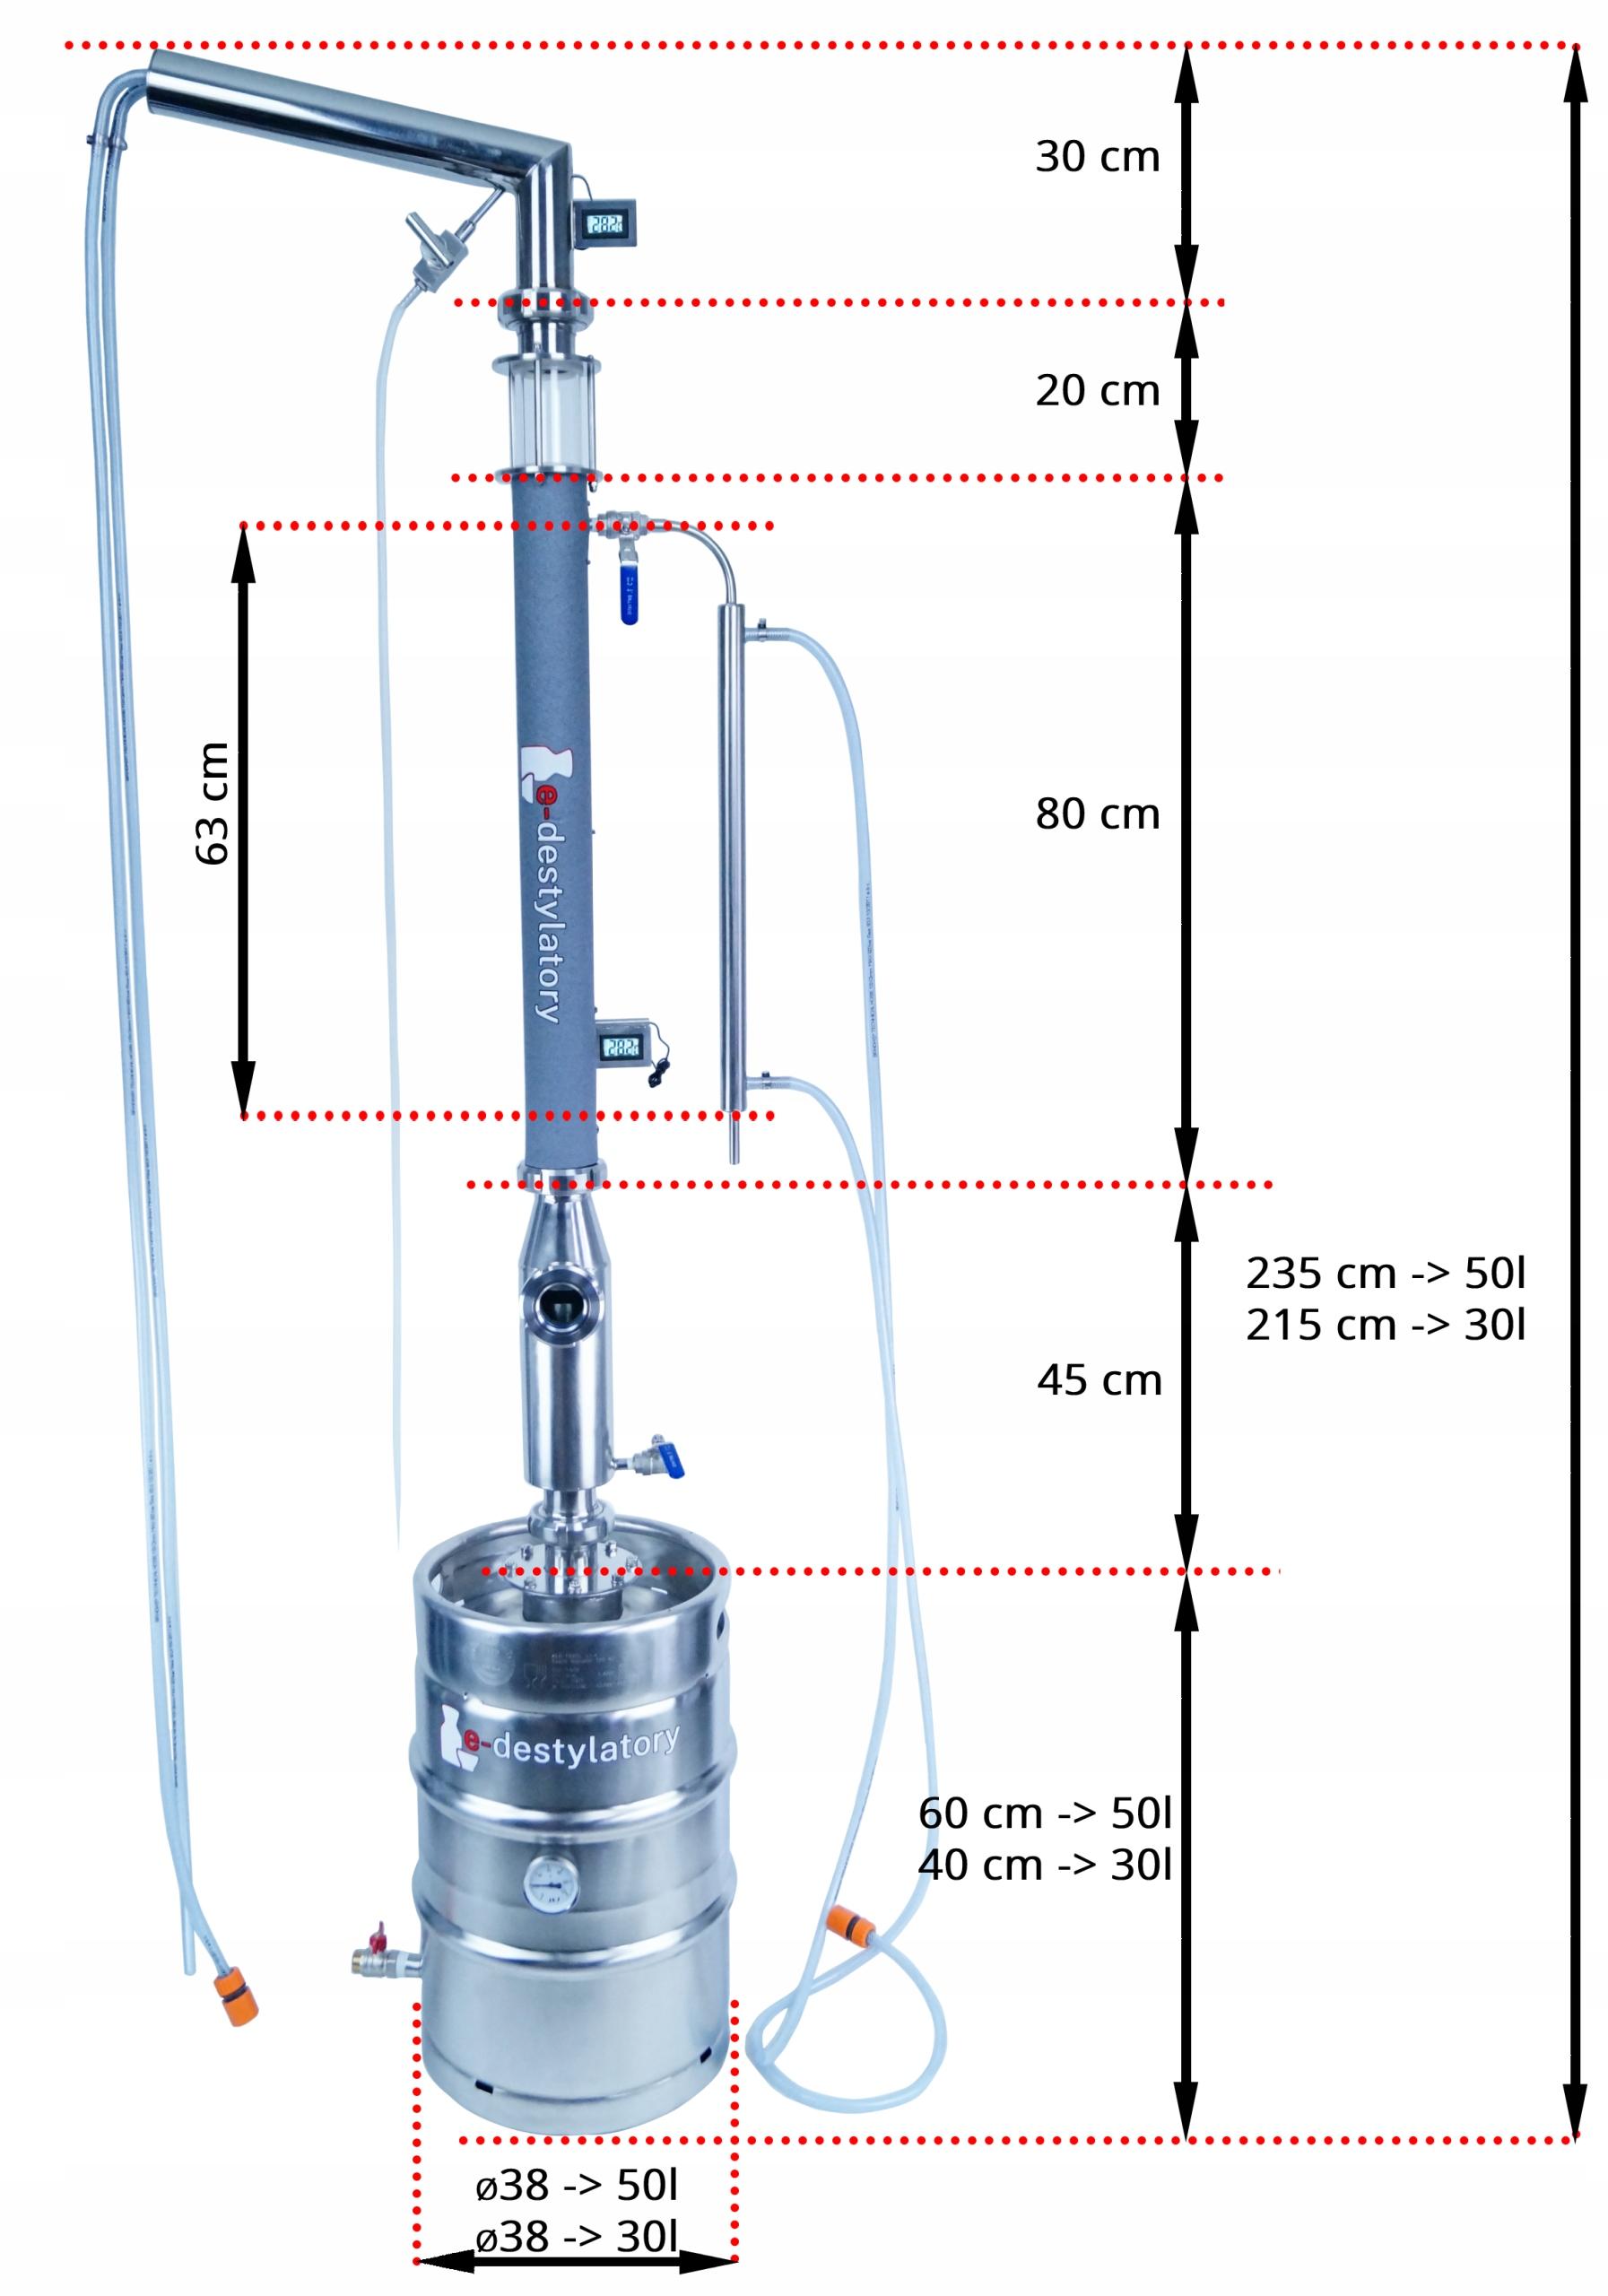 DESTYLATOR AABRATEK BUFOR OVM LIBIGA WIZJER GAZ Waga produktu z opakowaniem jednostkowym 30 kg